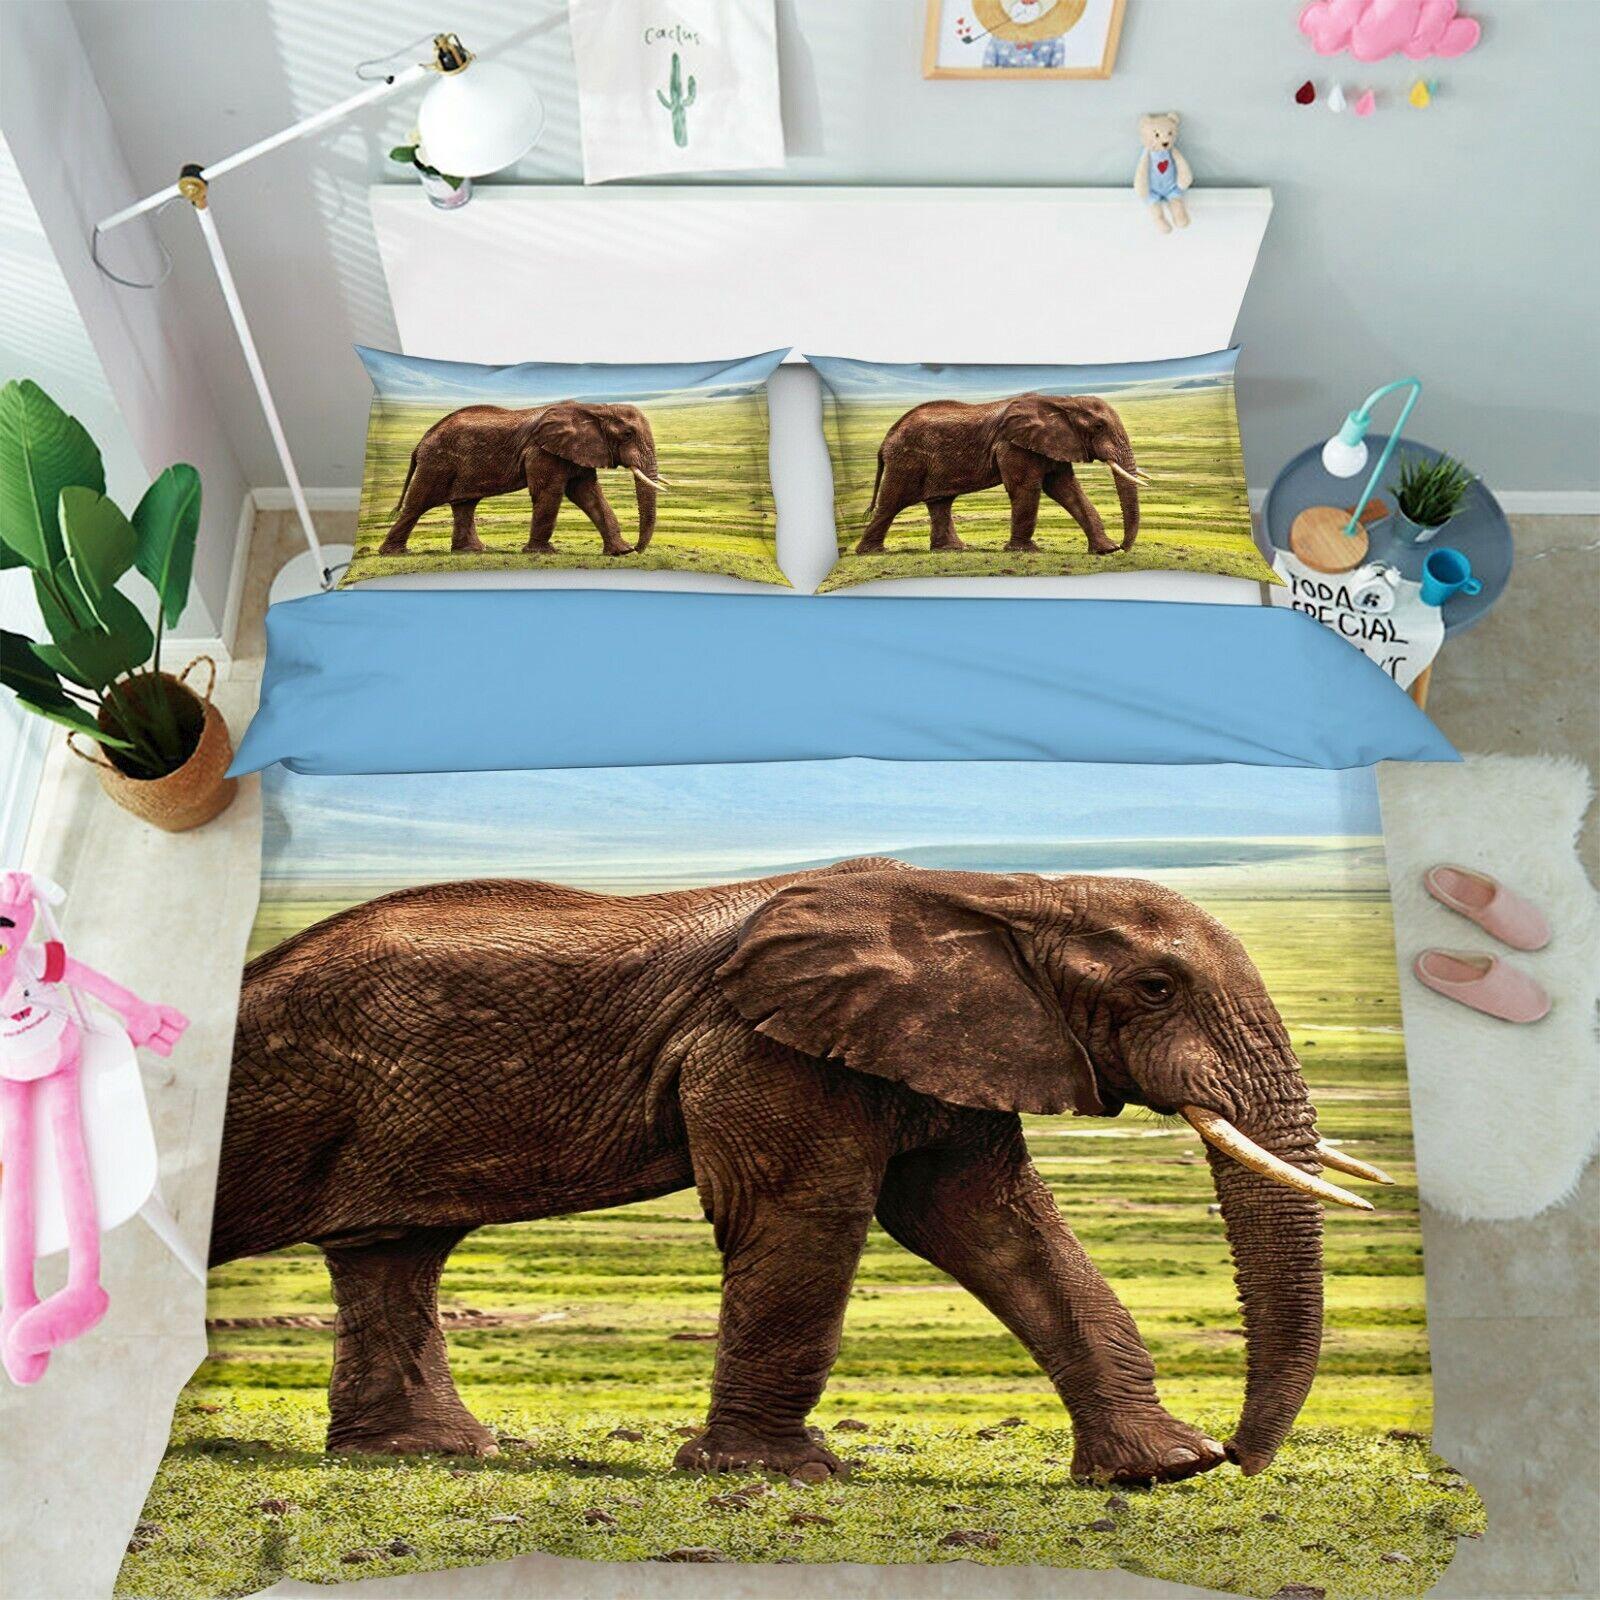 3D Elephant Grassland I27 Animal Bed Pillowcases Quilt Duvet Cover Queen King An